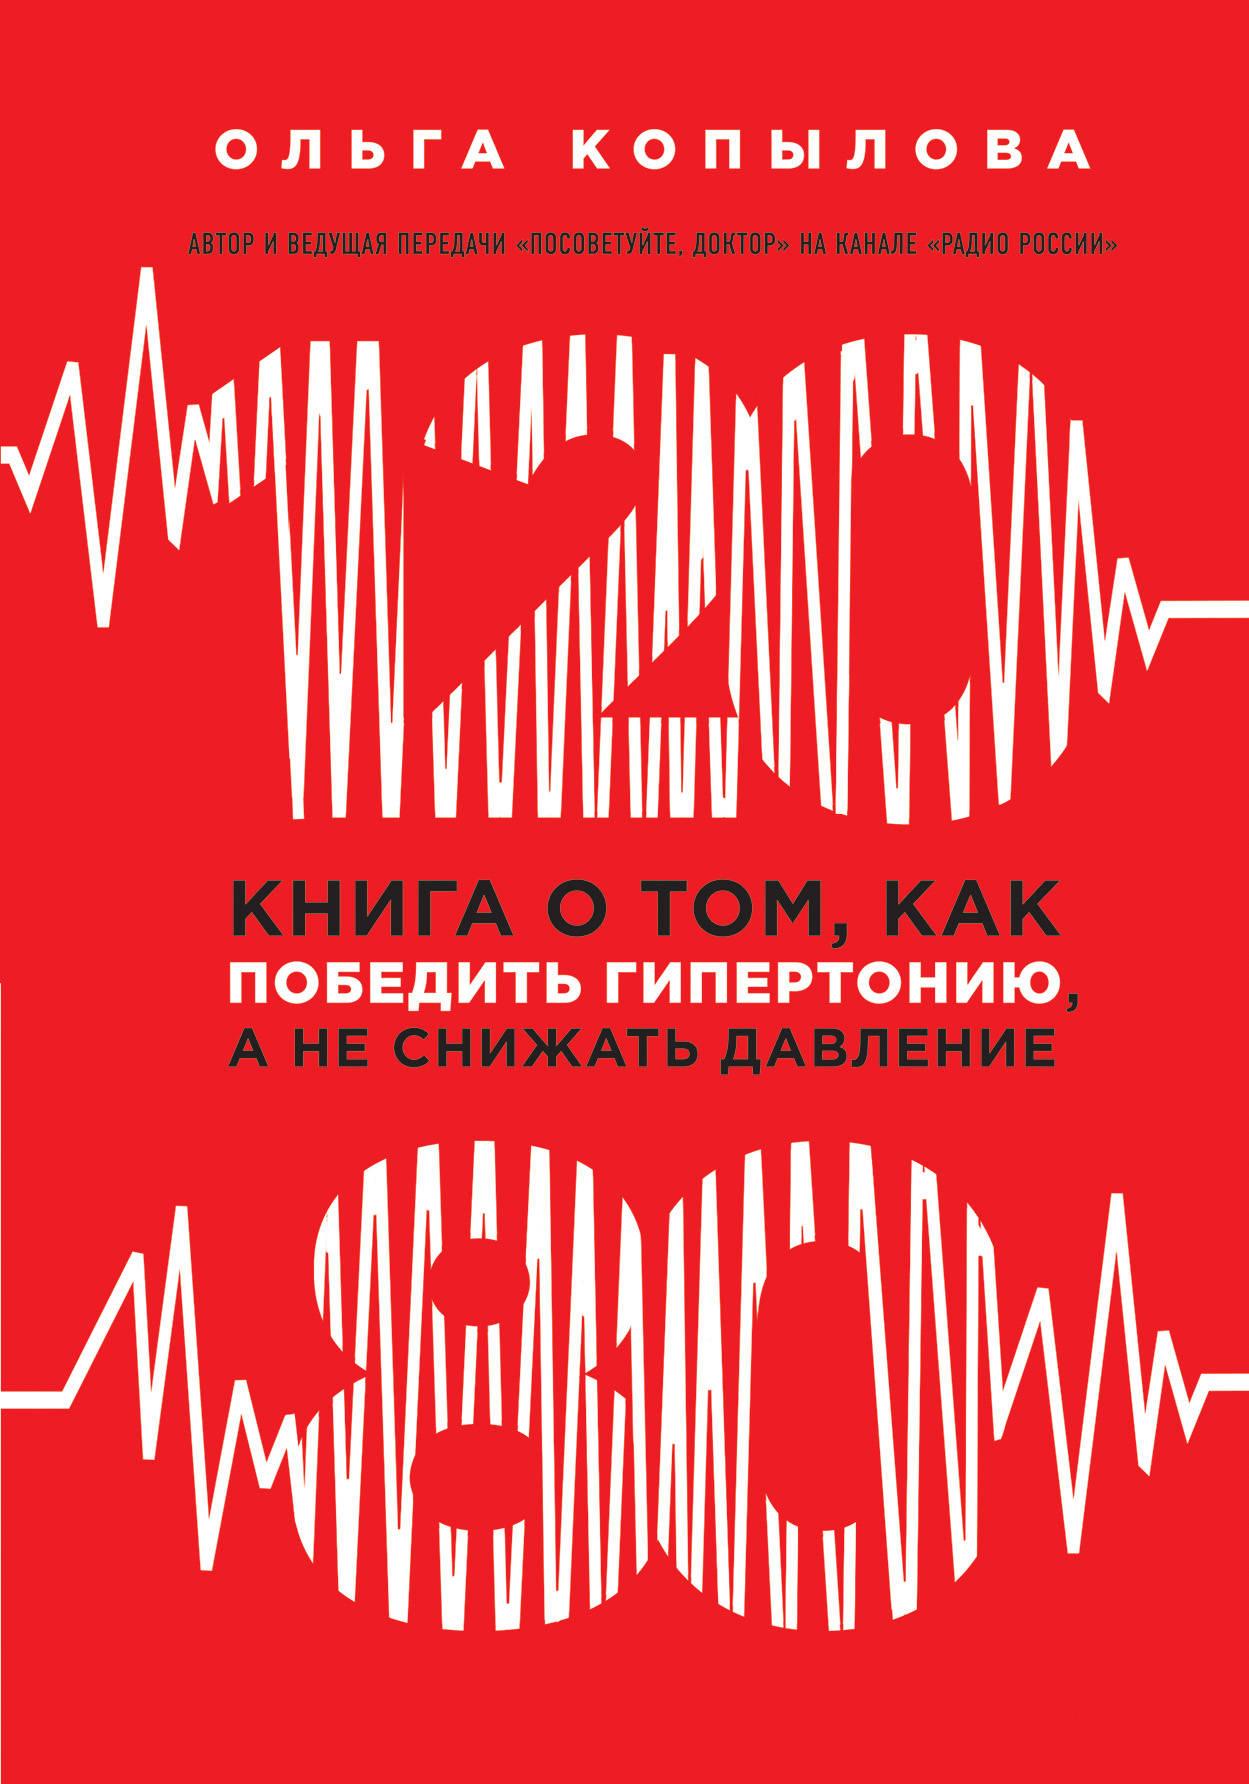 Ольга Копылова 120 на 80. Книга о том, как победить гипертонию, а не снижать давление цены